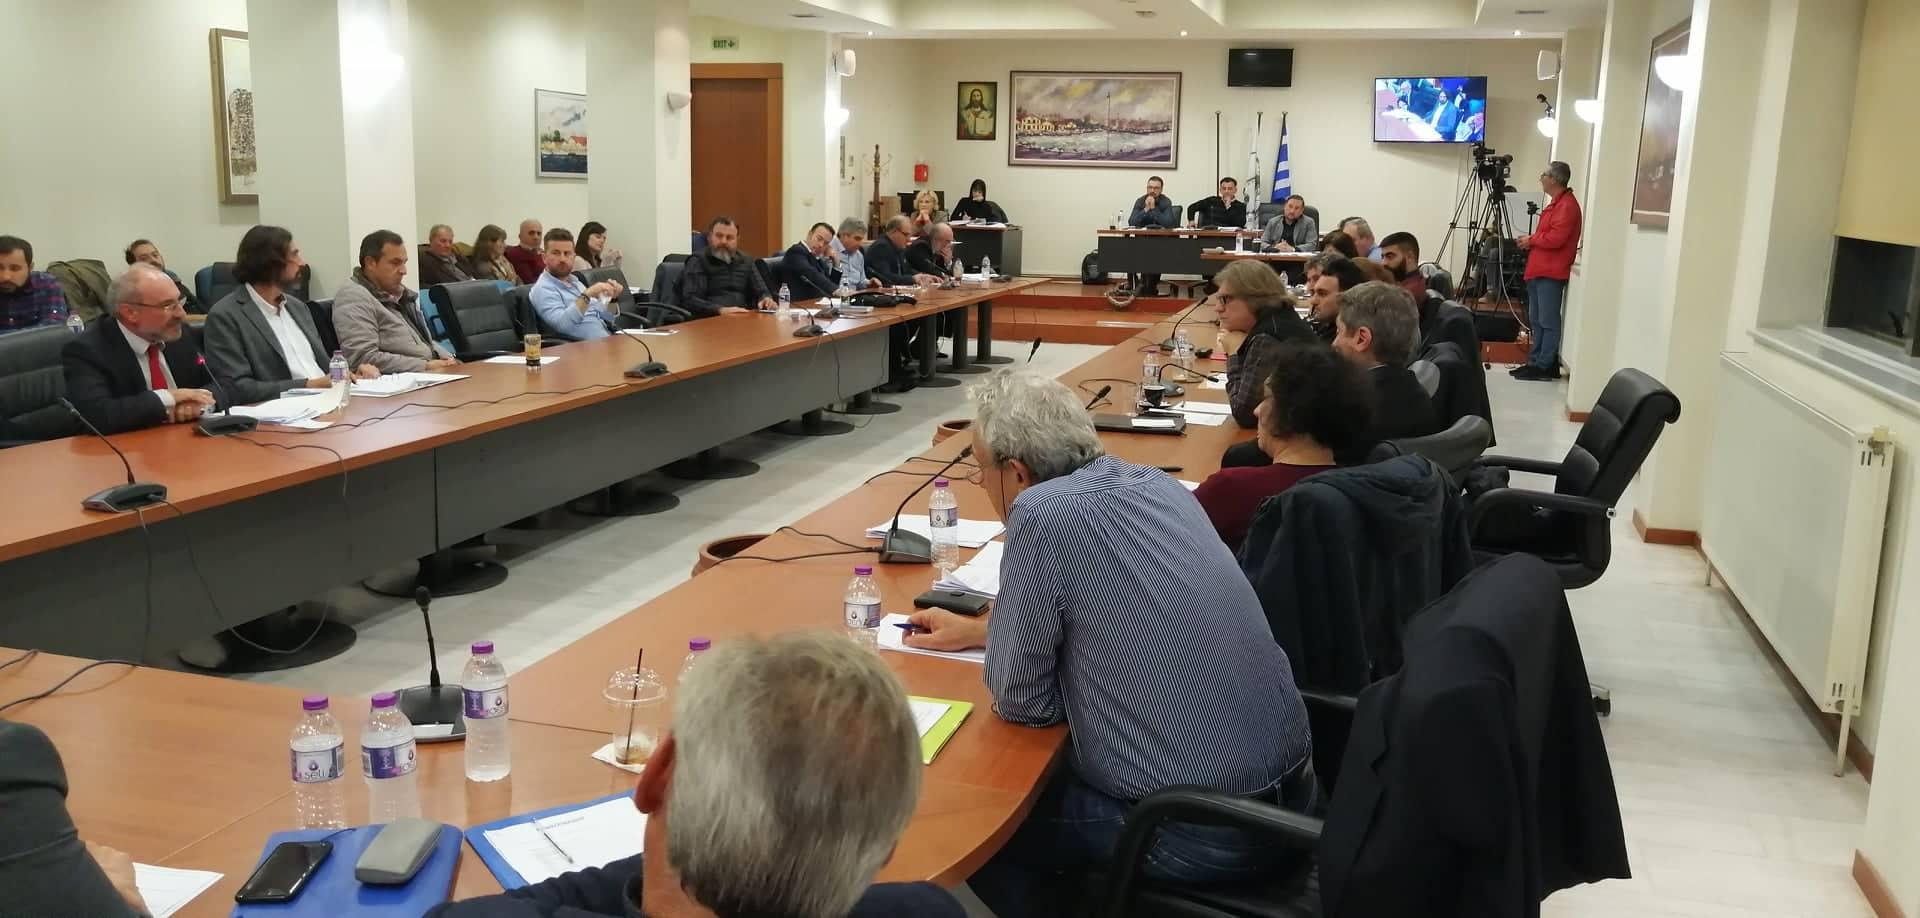 Περαιτέρω διερεύνηση για το θέμα του «μπαλονιού» αποφάσισε το Δημοτικό Συμβούλιο